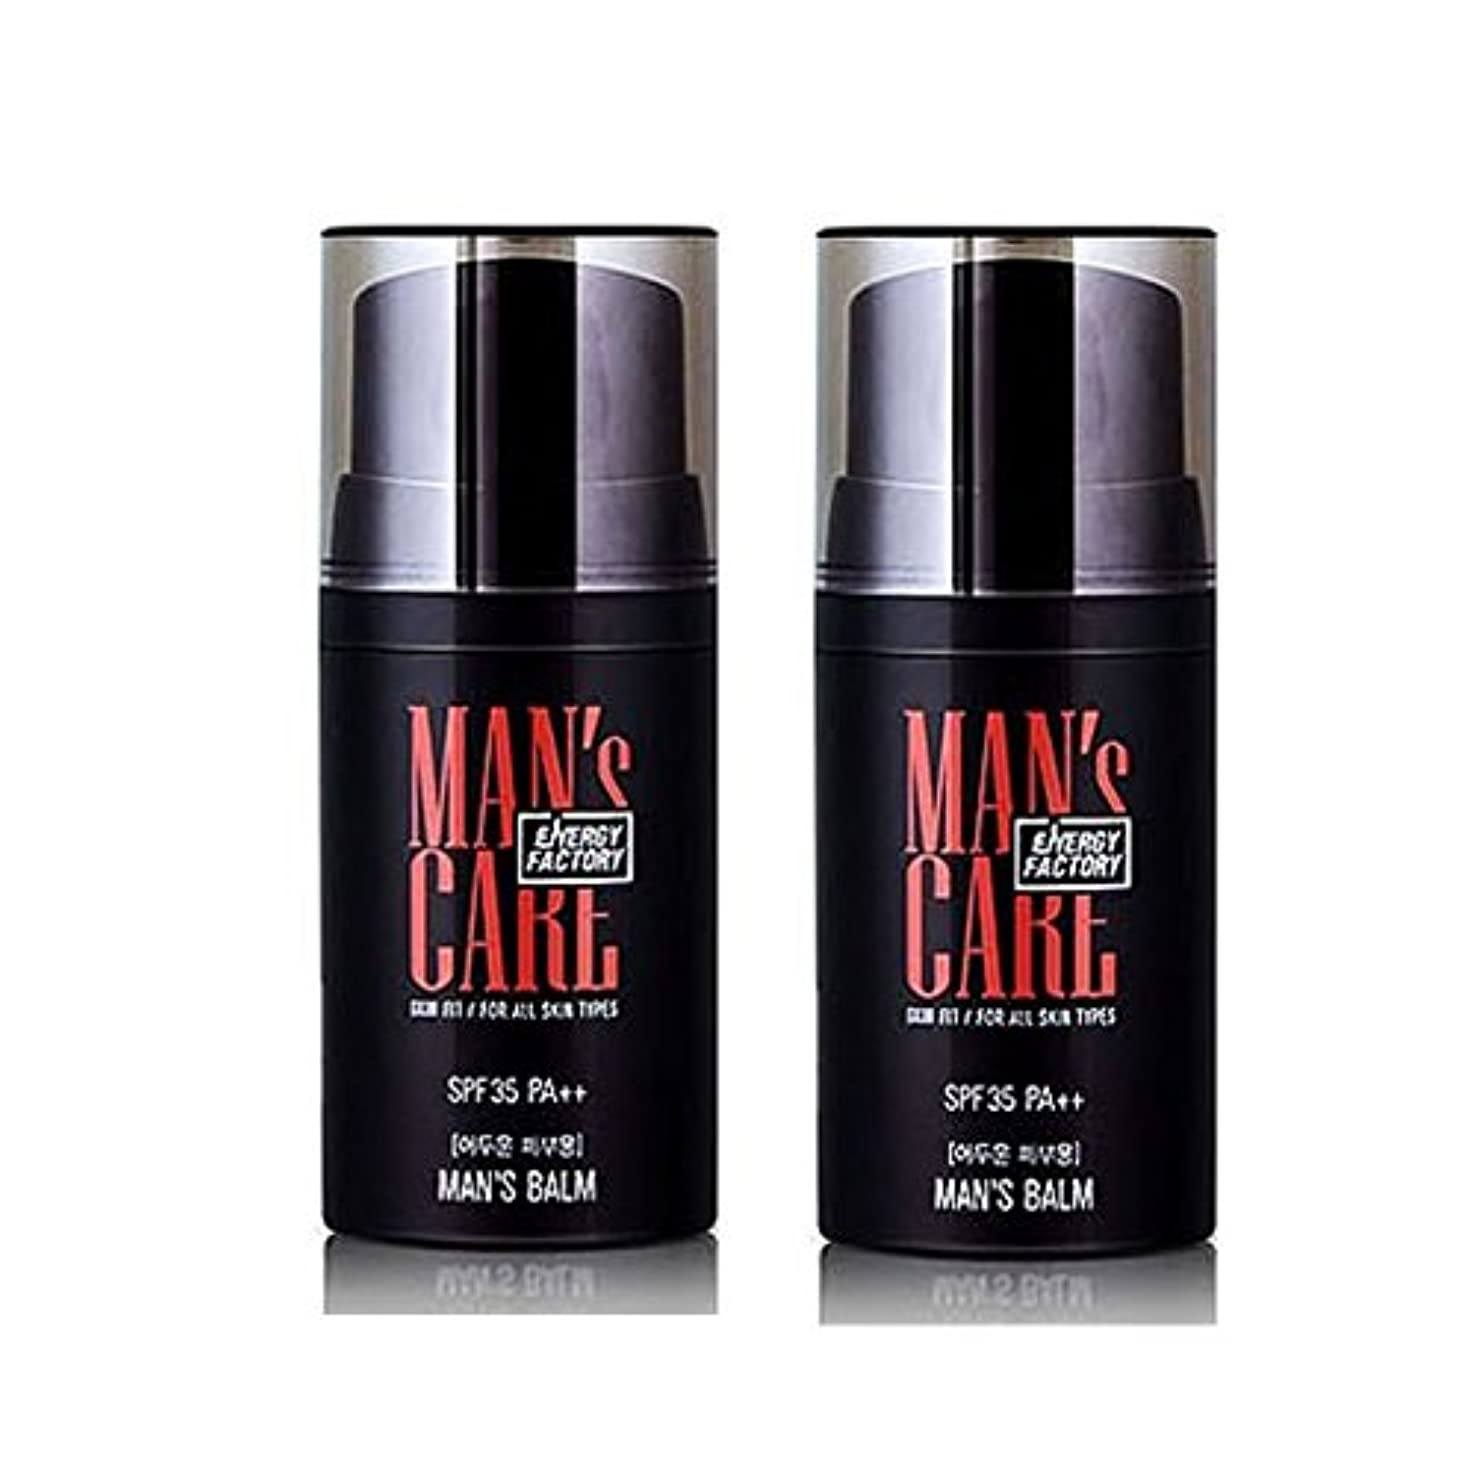 乳製品非公式醸造所メンズケアエネルギーファクトリースキンフィット?マンズ?Balm 50ml x 2本セット(明るい肌用、暗い肌用) メンズコスメ、Man's Care Energy Factory Skin Fit Man's Balm...